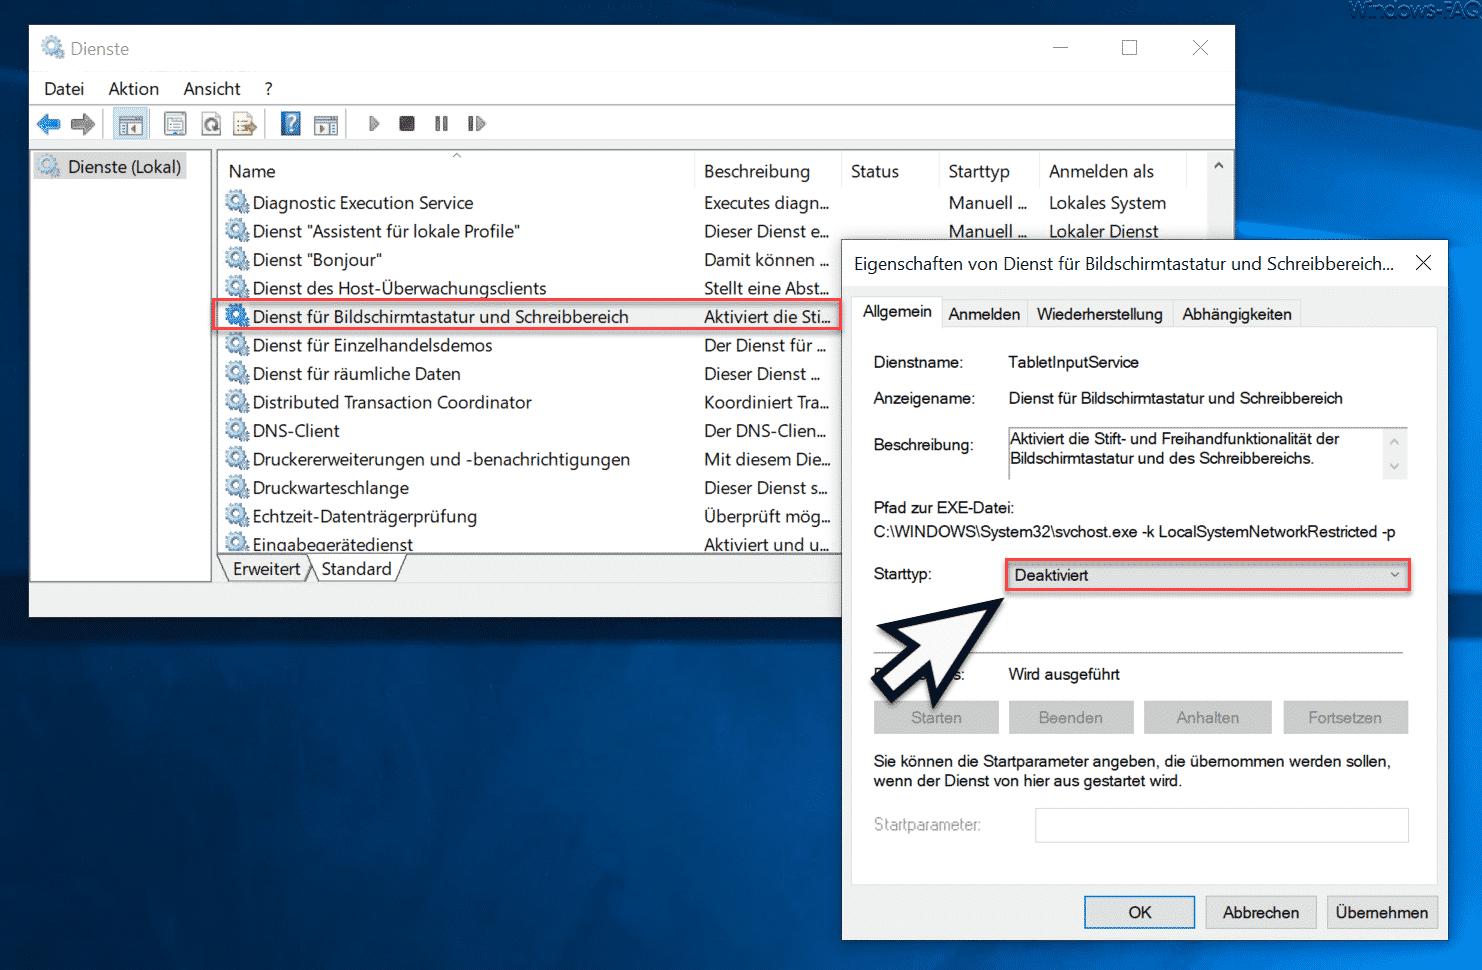 Dienst für Bildschirmtastatur und Schreibbereich deaktivieren (TabletInputService)